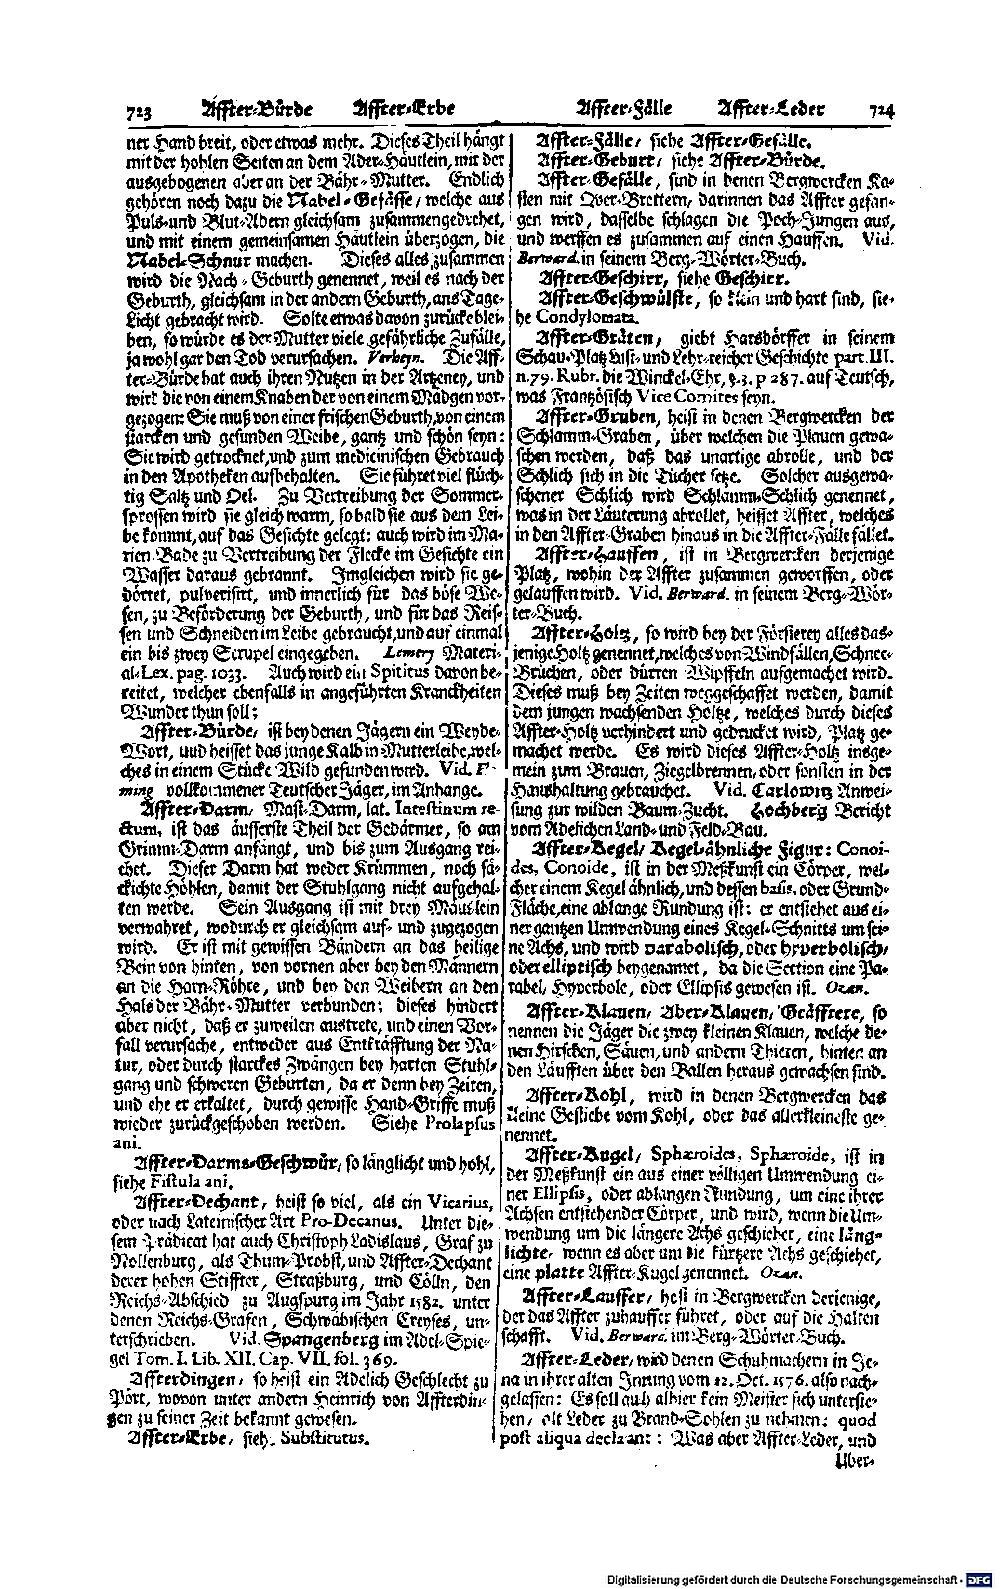 Bd. 01, Seite 0401.